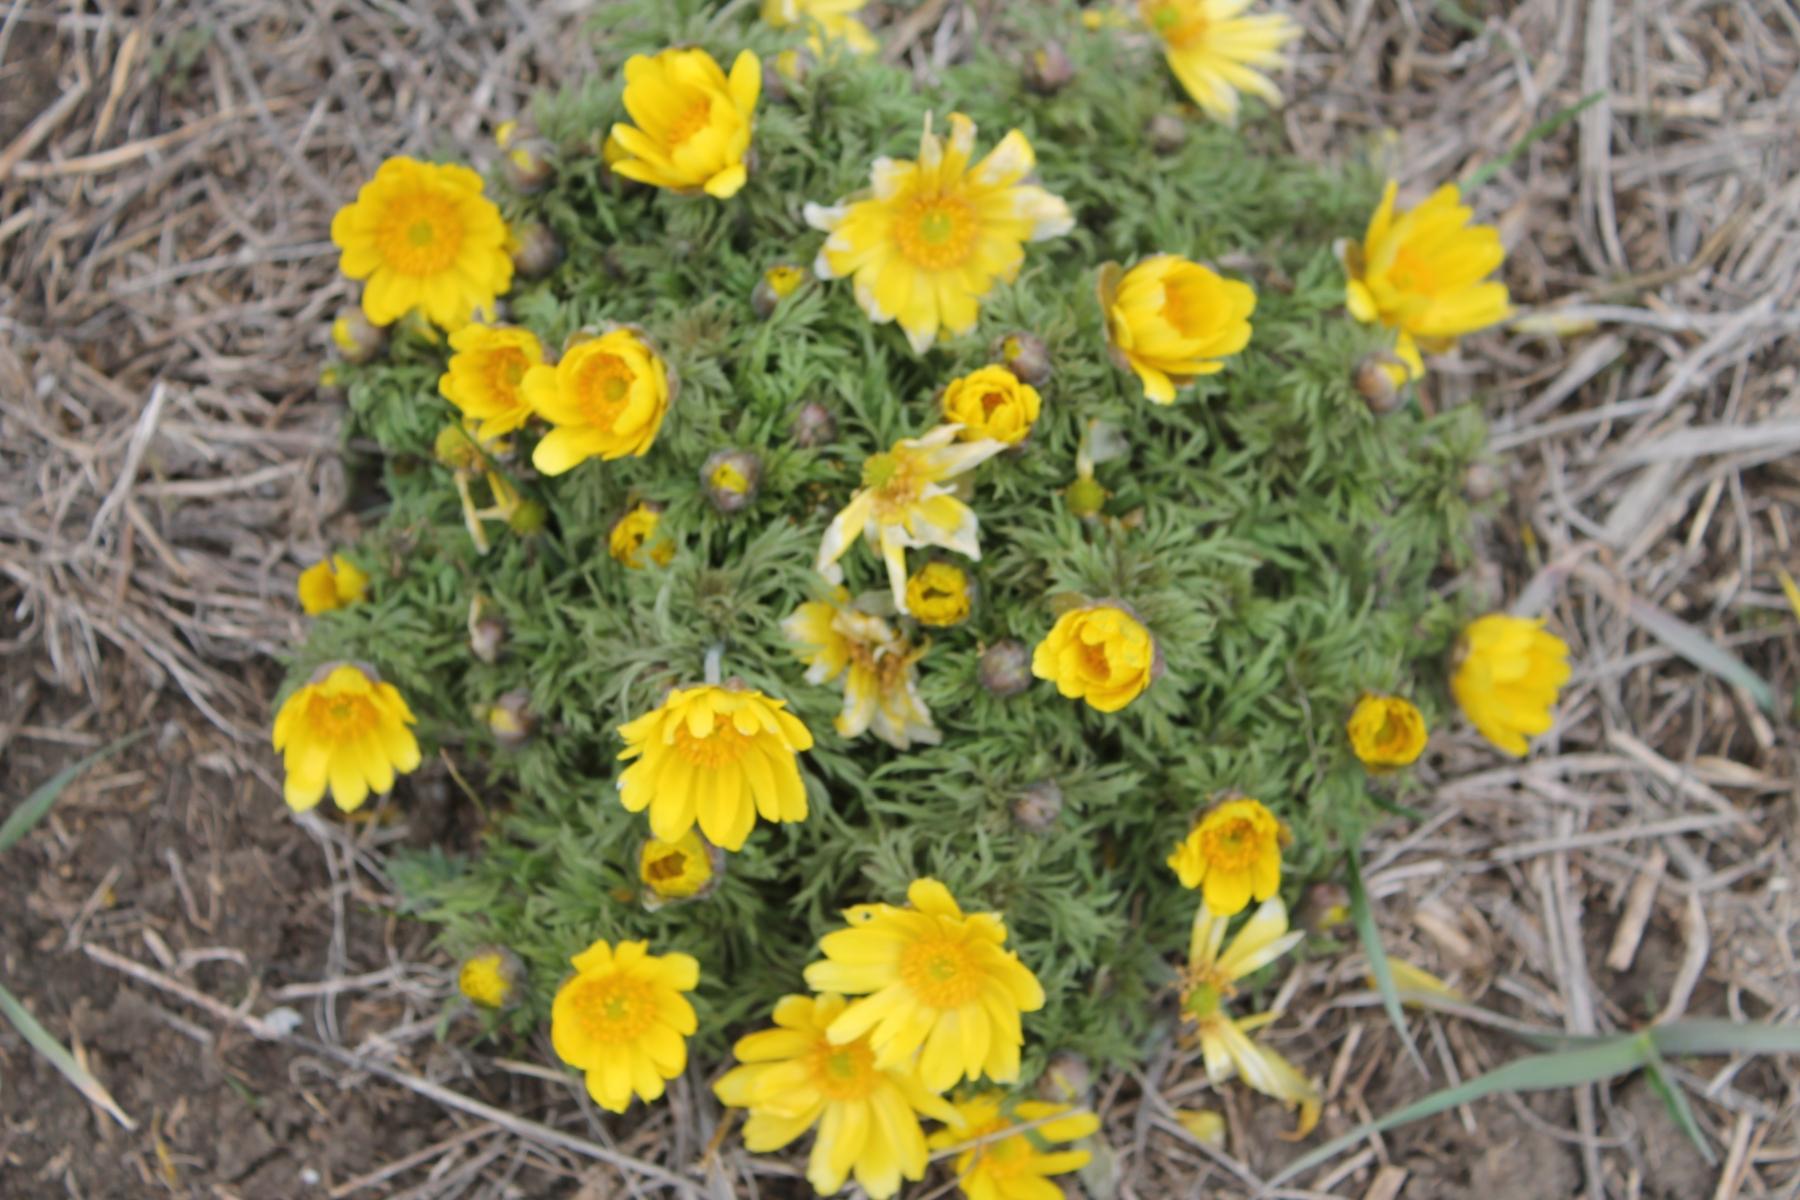 Адонис весенний встречается очень редко, плотность на 1 квадратном метре составляет 1-2 шт